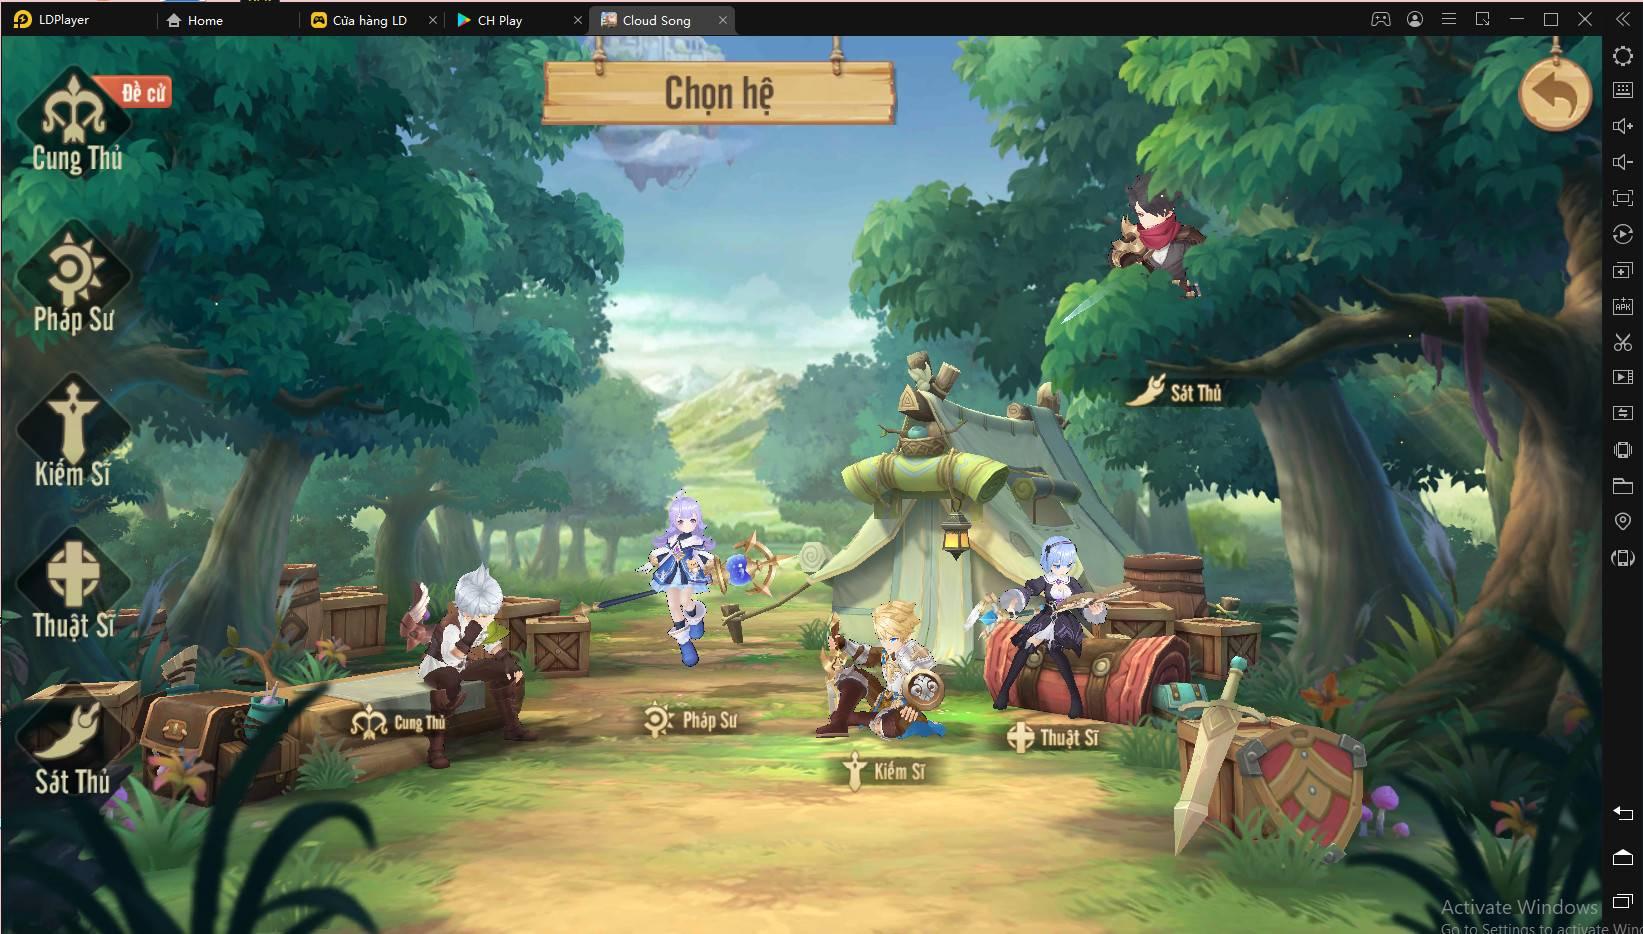 Chơi Cloud Song: Vân Thành Chi Ca trên PC cùng LDPlayer